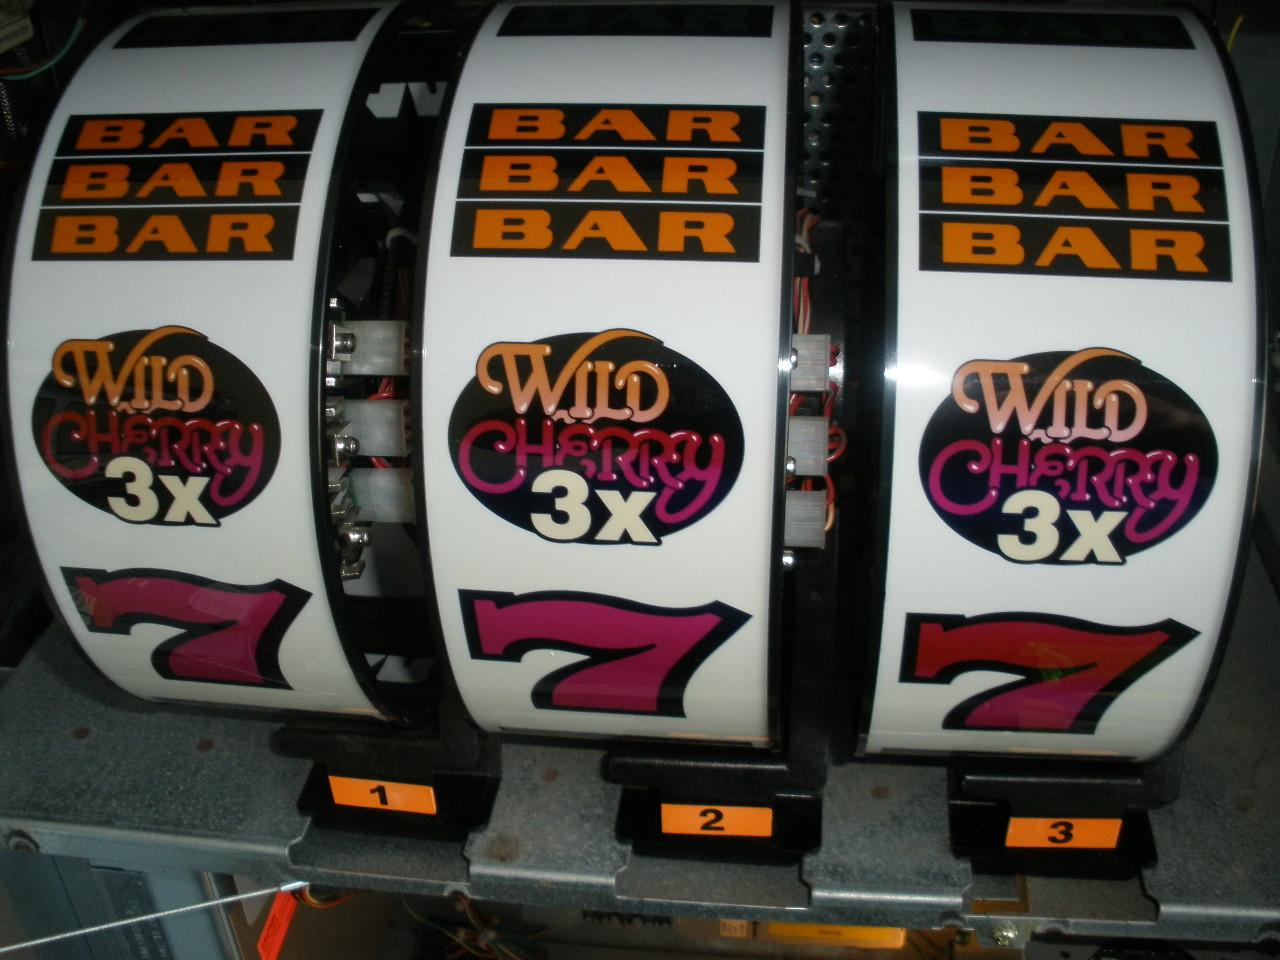 Wild Cherry Slot Machine